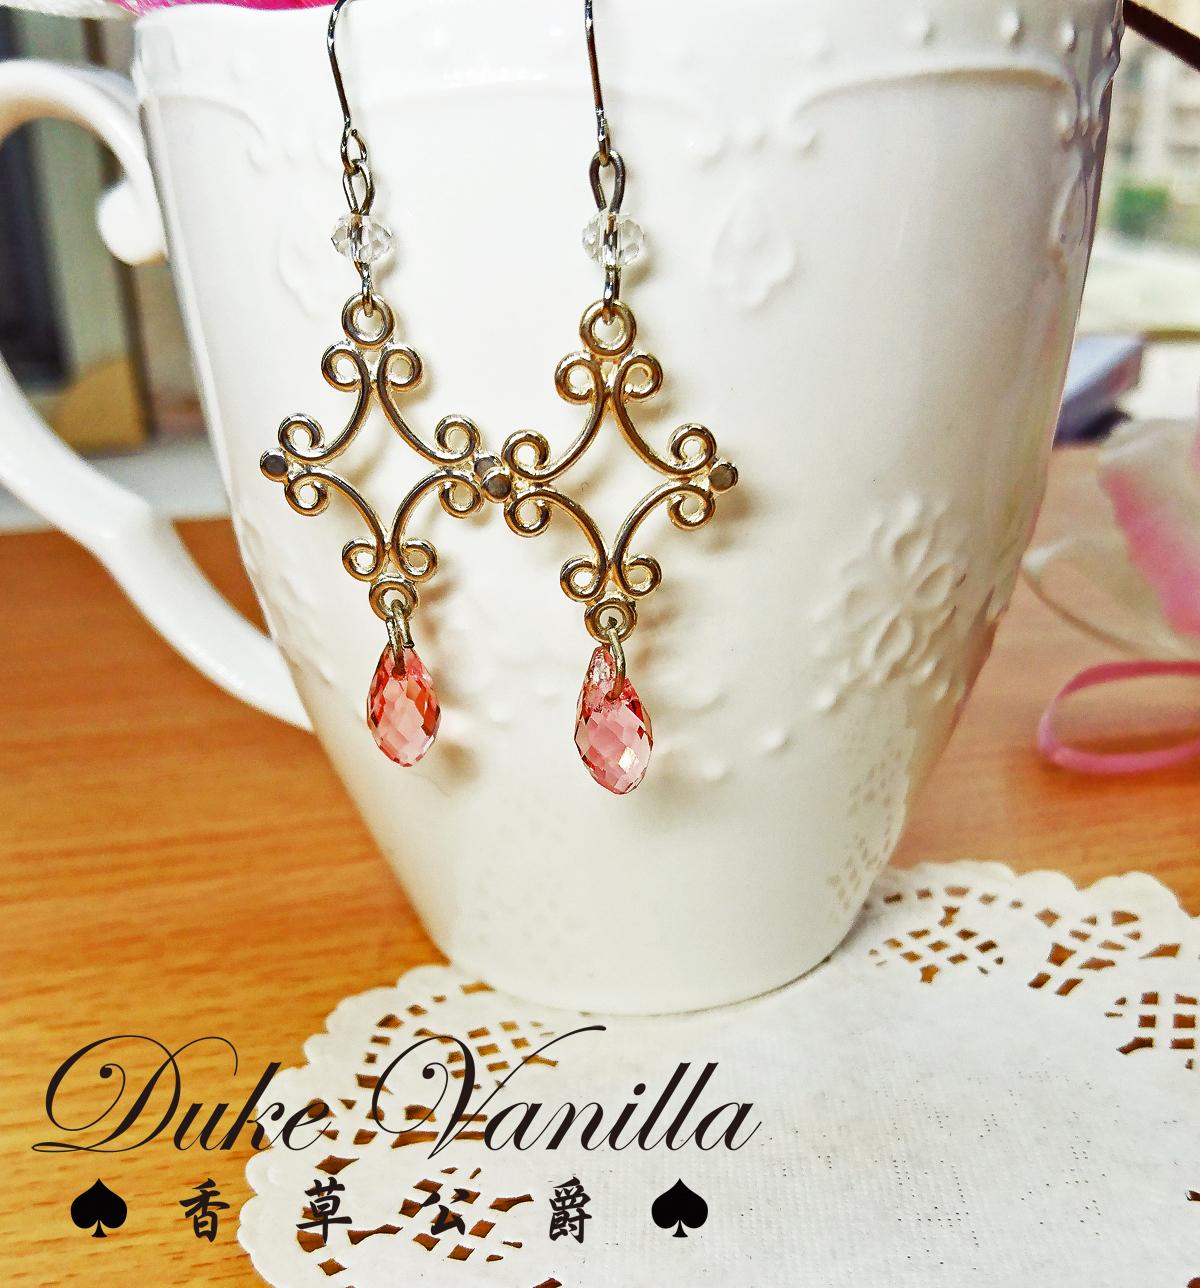 冰晶*奧地利水晶 十字架耳環 - Duke Vanilla 香草公爵